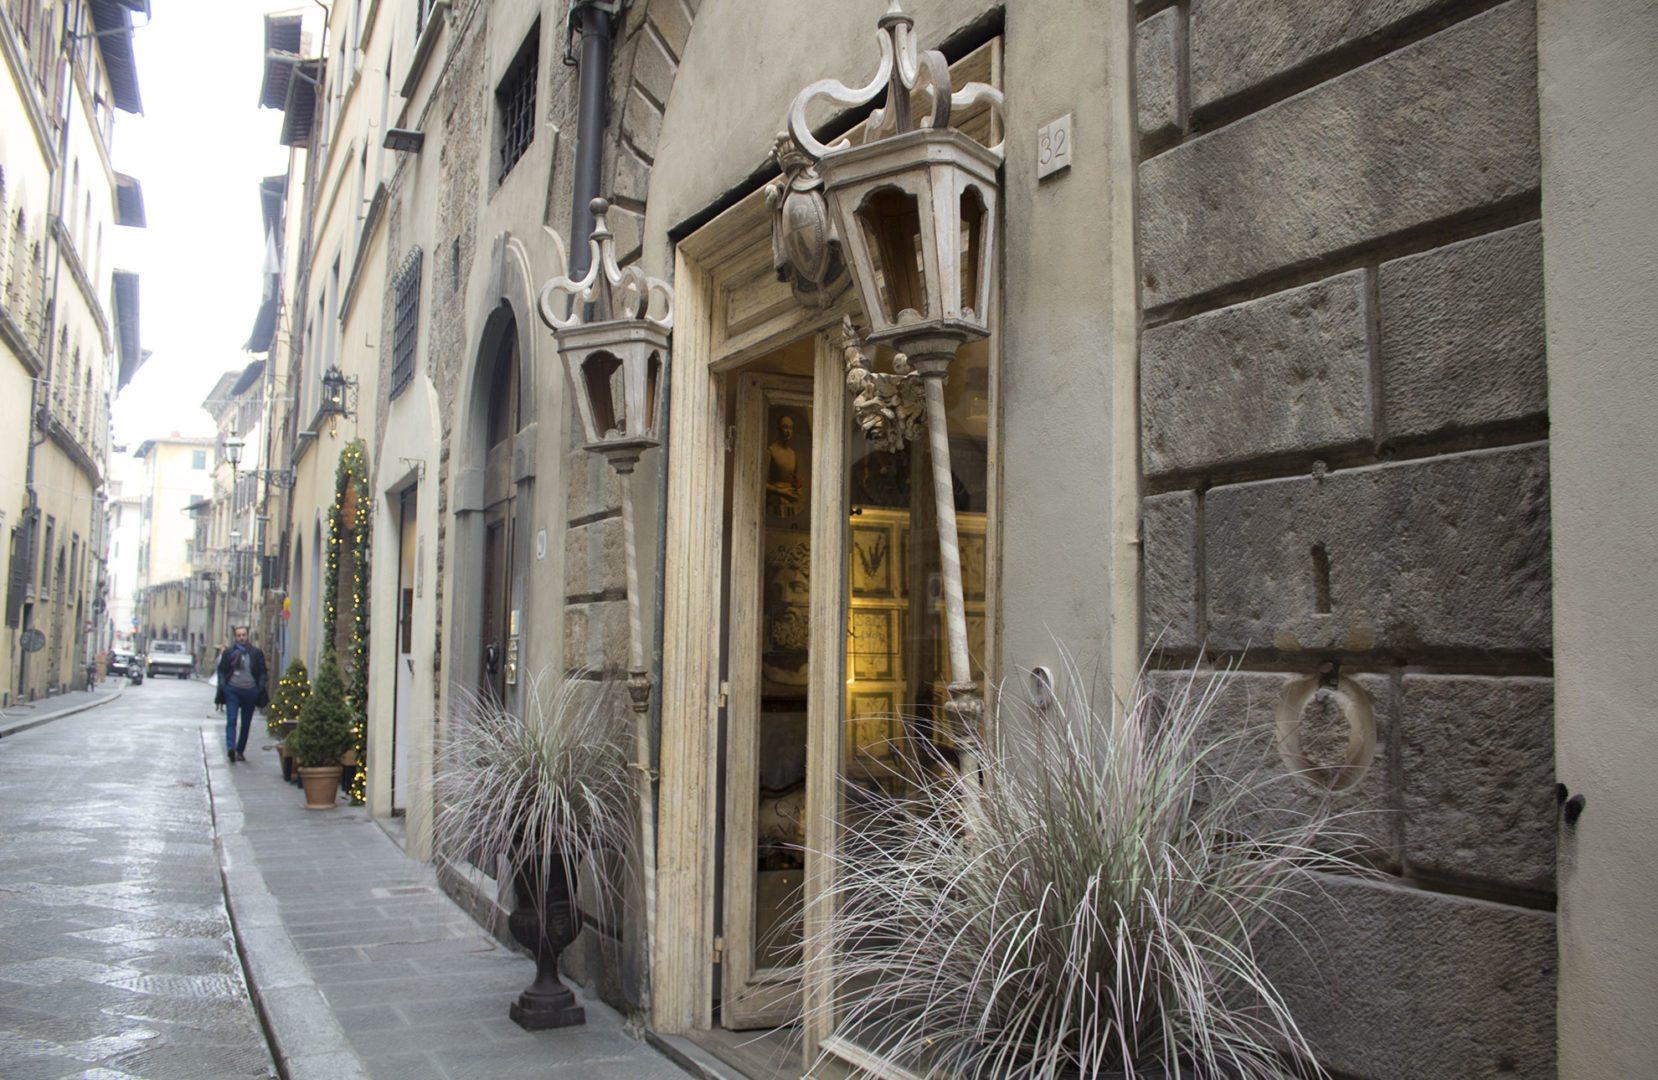 A Firenze Oltrarno, Lontano Dai Turisti